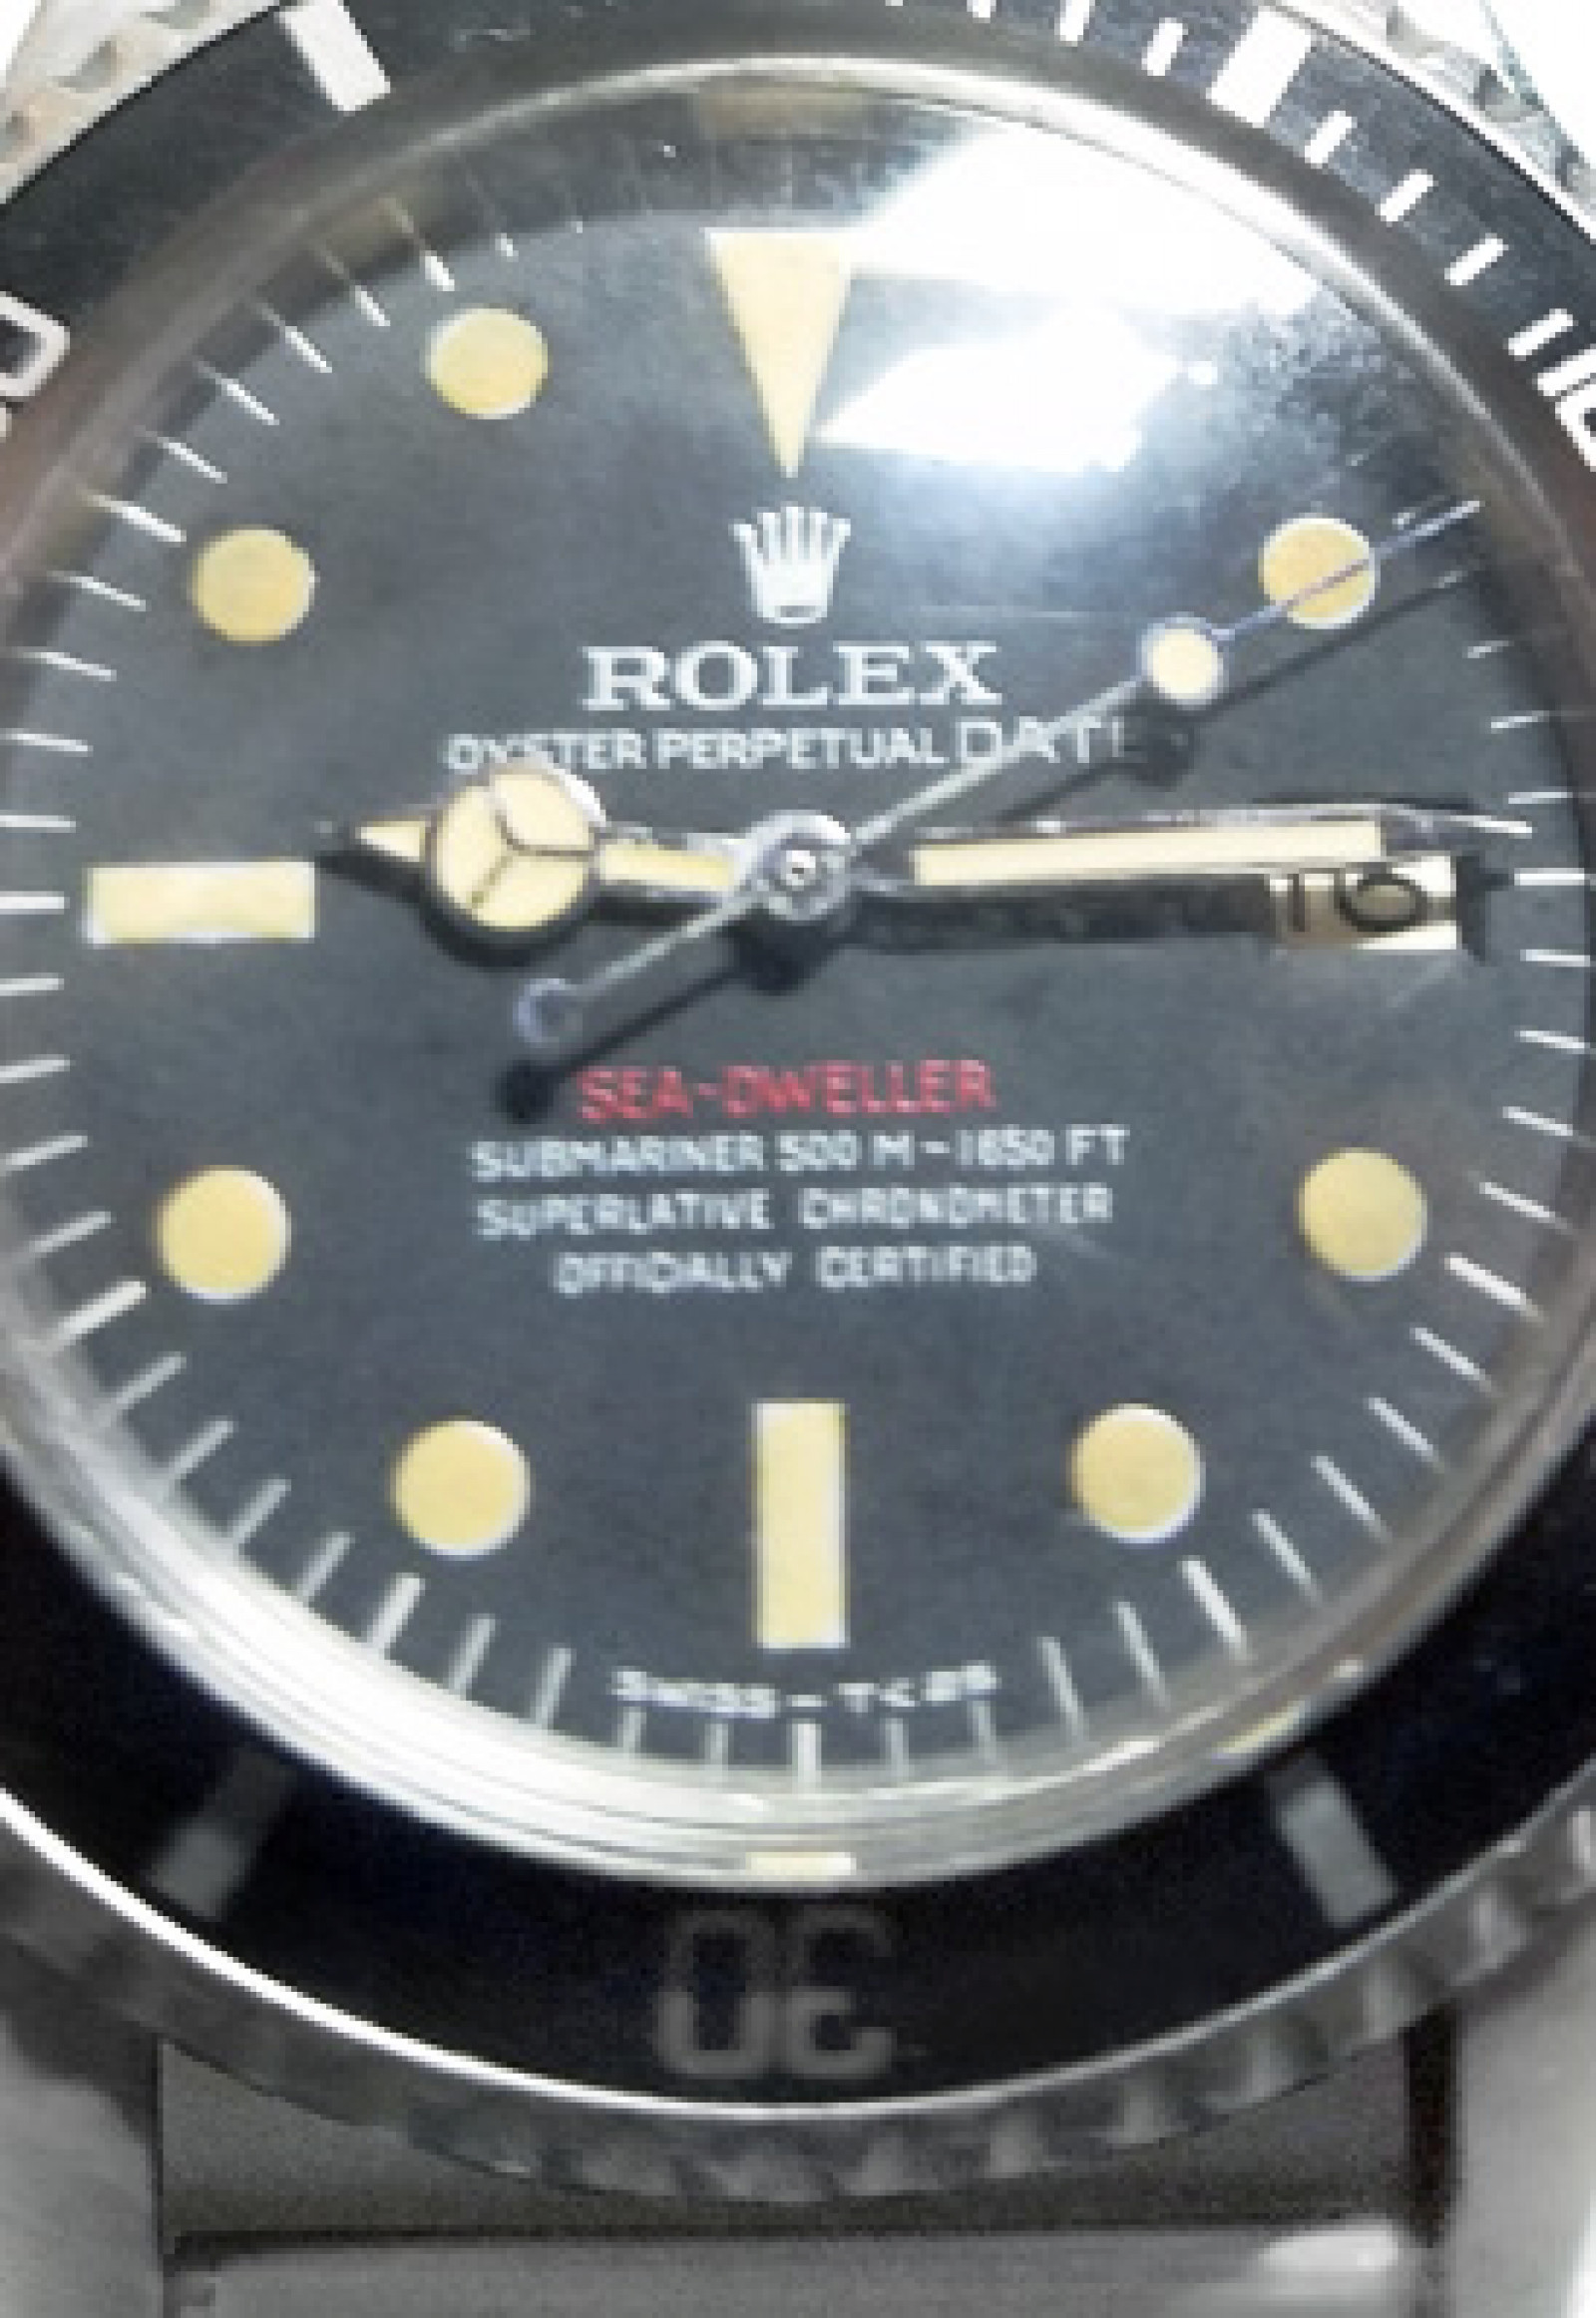 Vintage Rolex 1665 40 mm Steel on Oyster